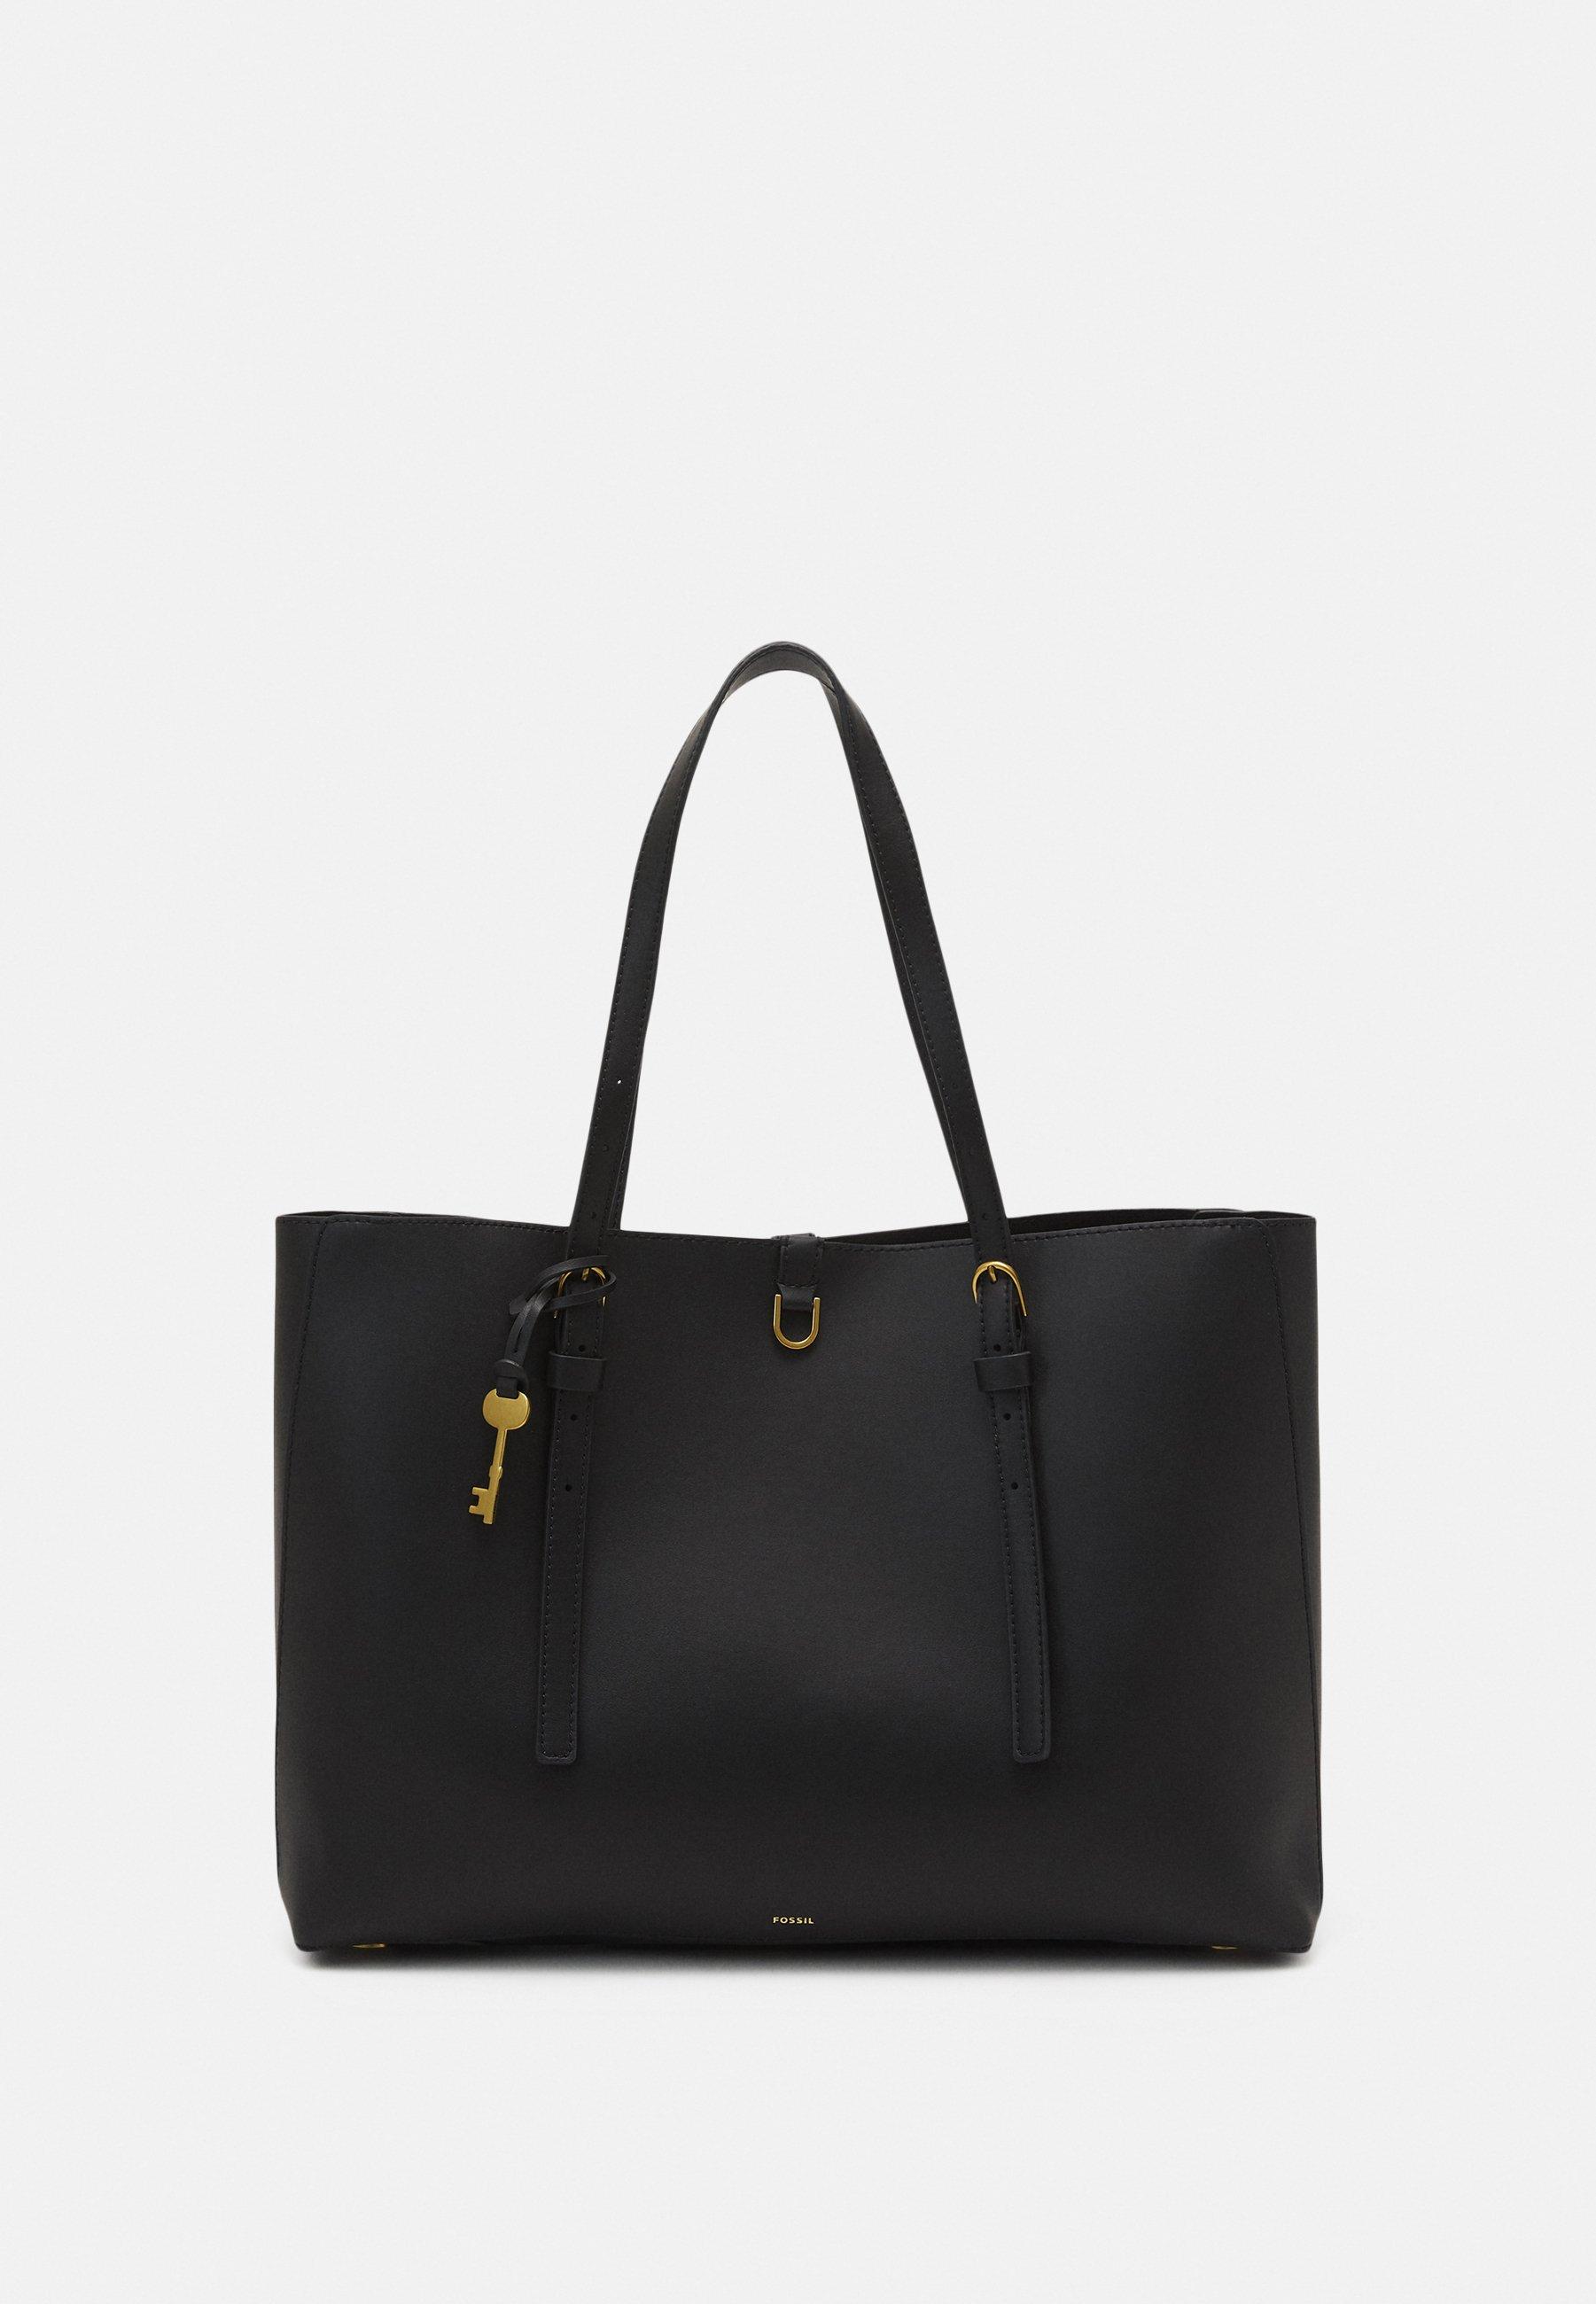 Women VEGAN KIER CACTUS TOTE BLACK - Tote bag